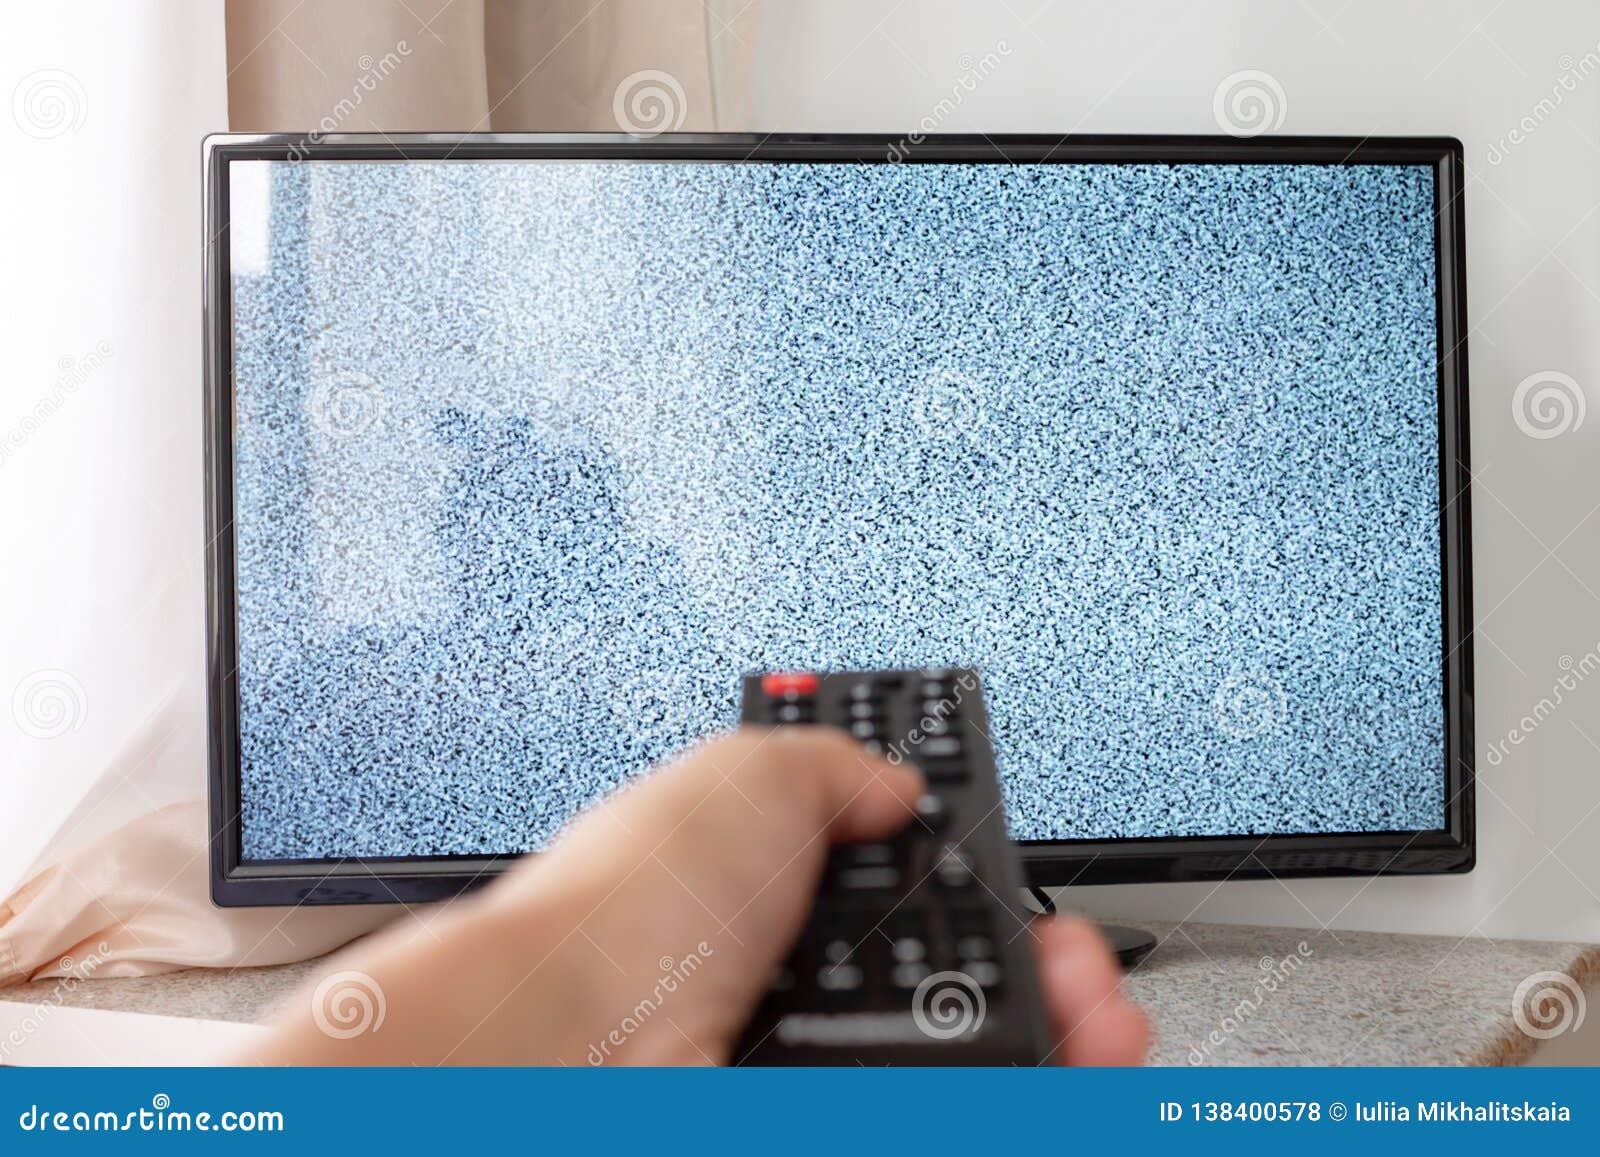 Ręka z TV pilotem do tv przed ekranem z białym hałasem na nim - nastrajać złączonych problemy i kanały telewizyjnych